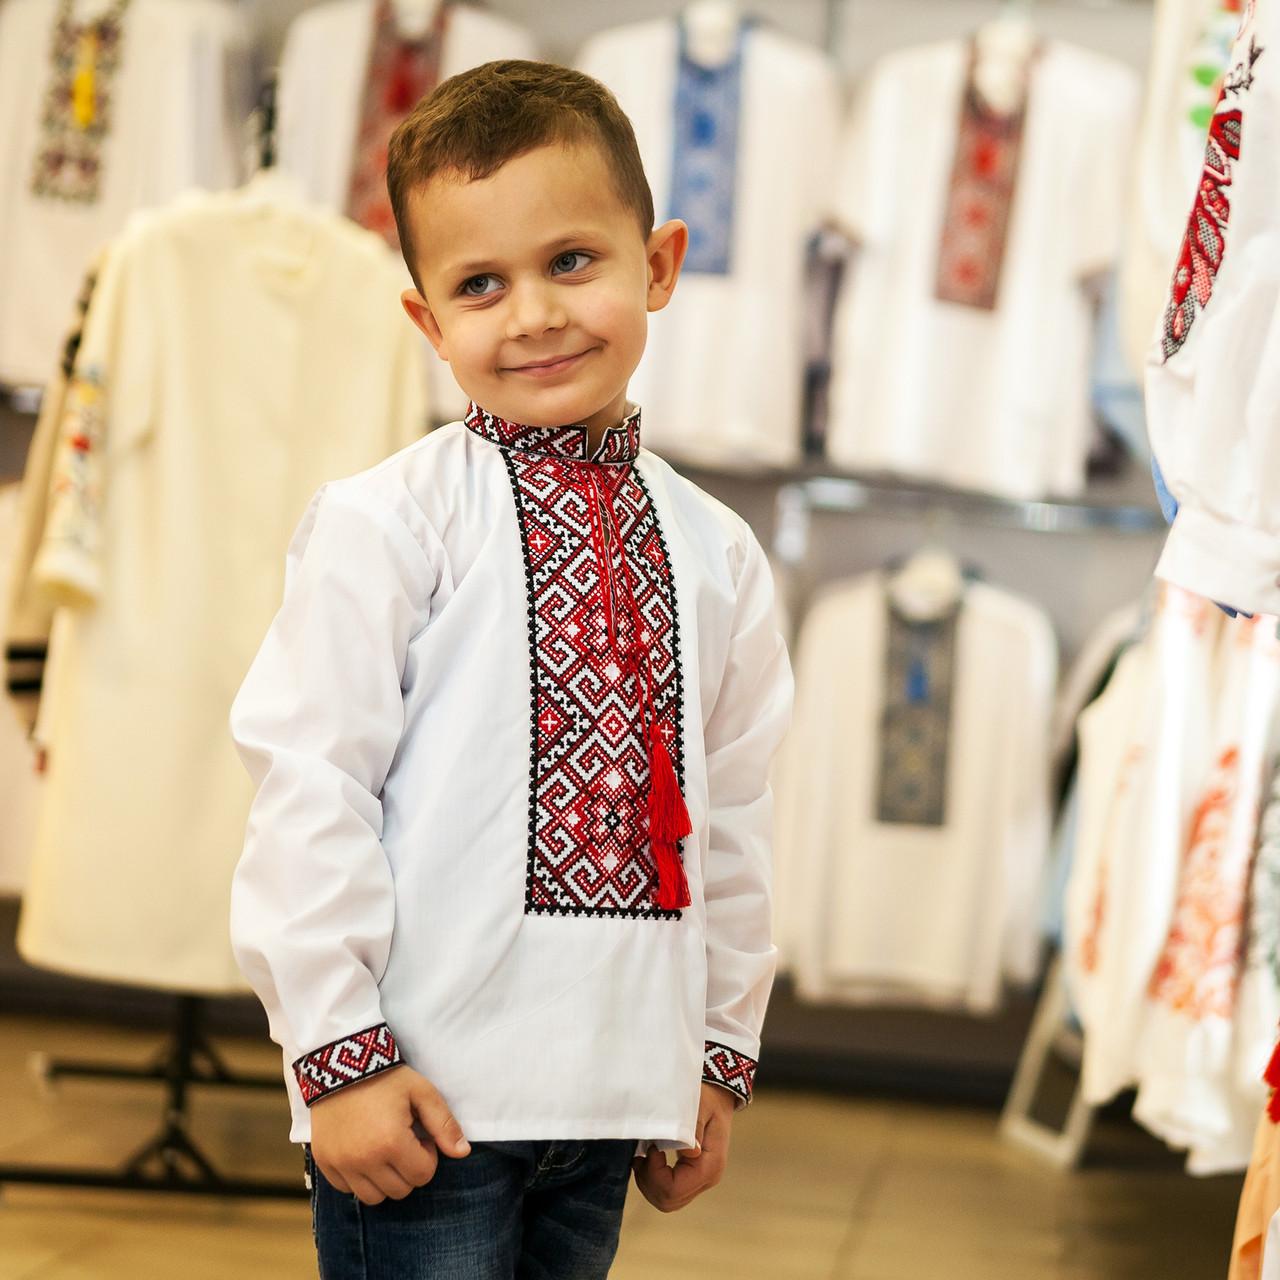 Вышитая рубашка с классическим орнаментом  продажа d983dbcd41374